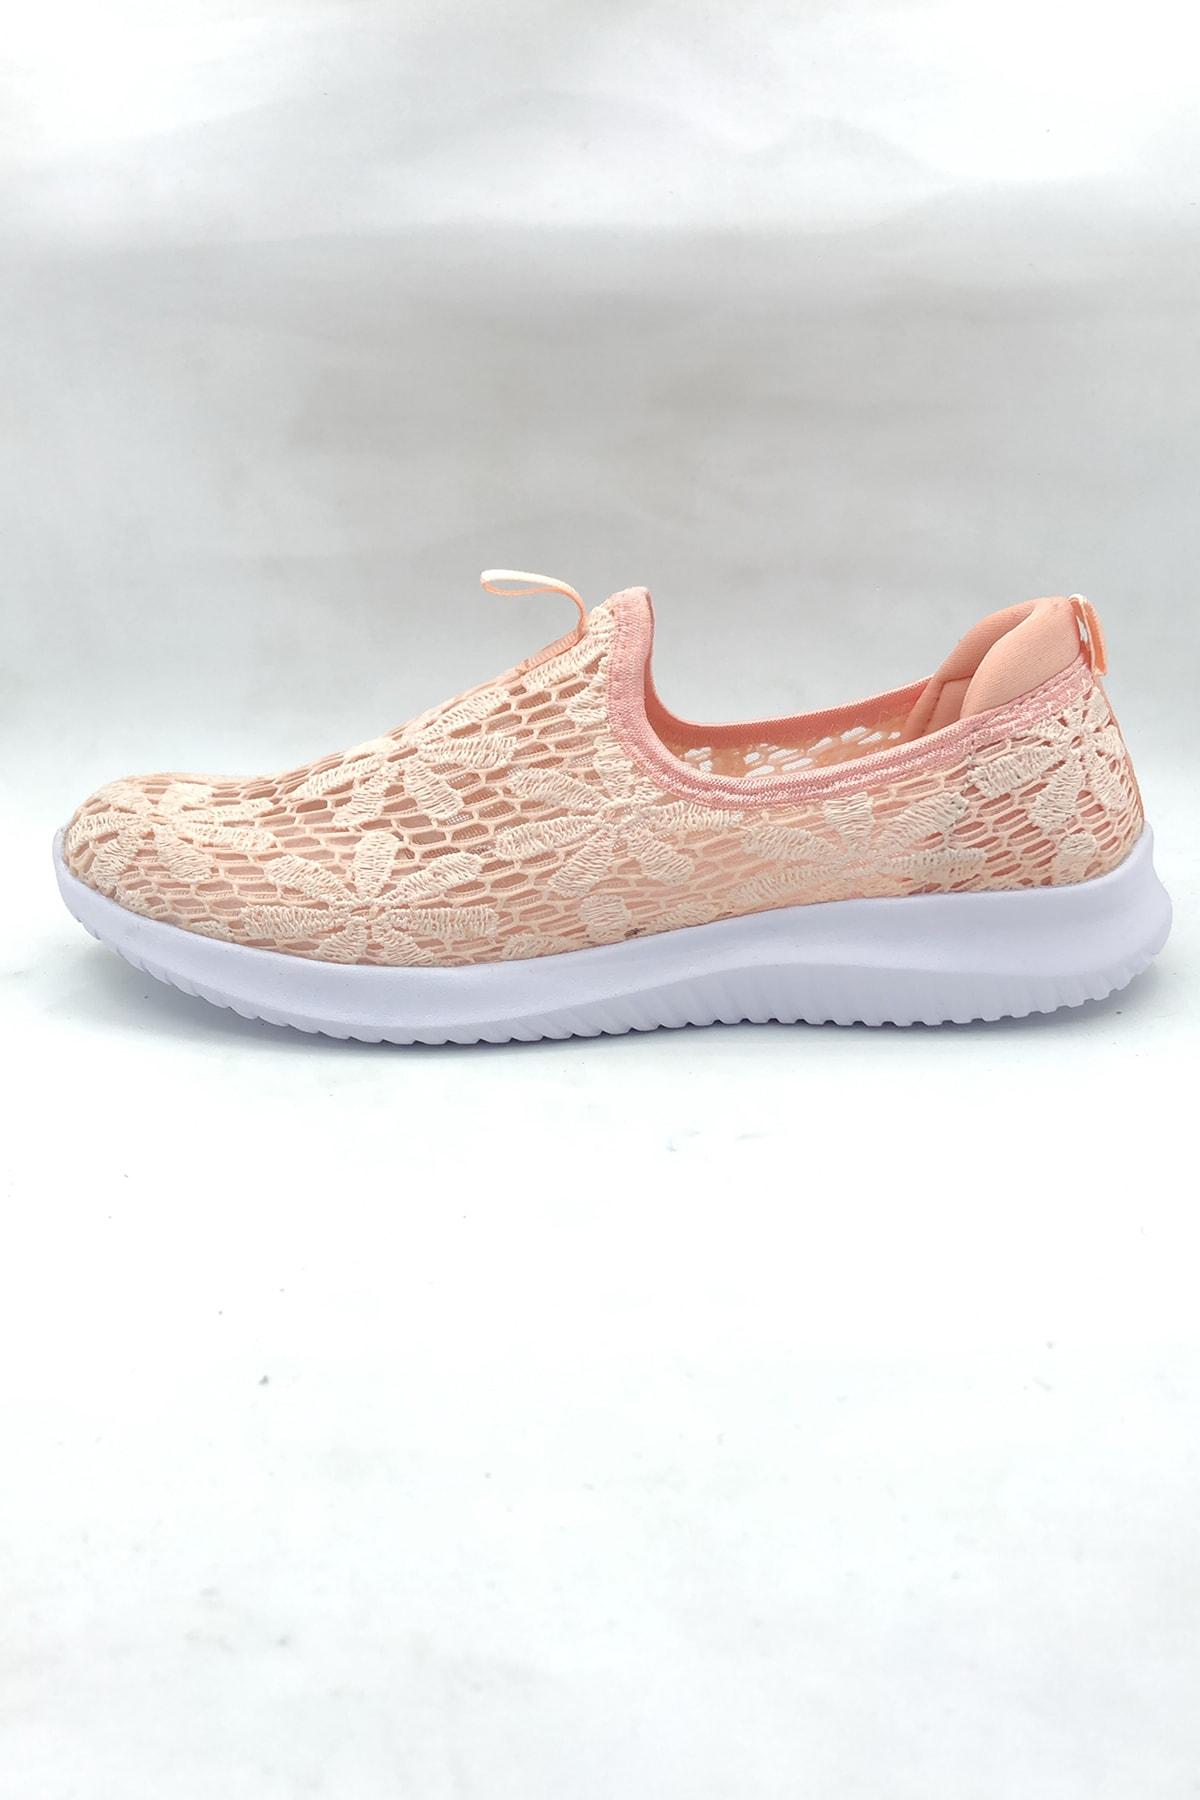 Pierre Cardin Pc-30165-bayan Spor Ayakkabı Somon-1 1